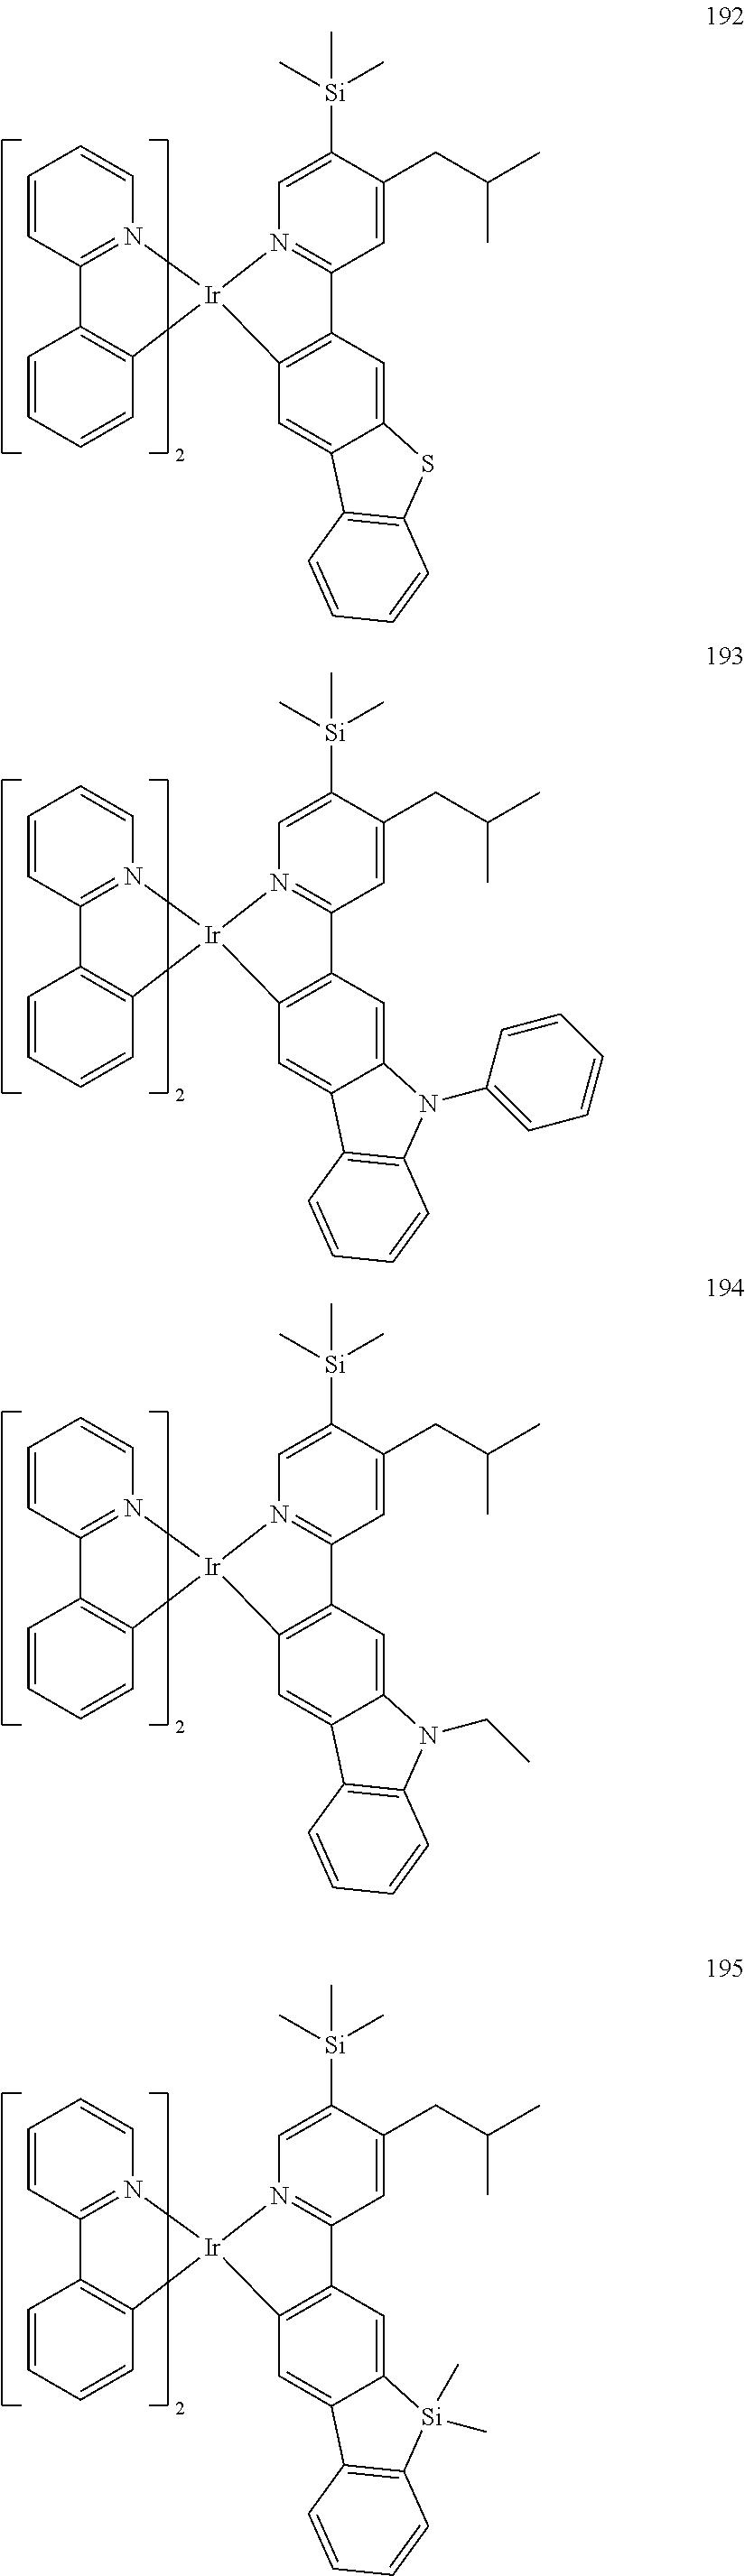 Figure US20160155962A1-20160602-C00384